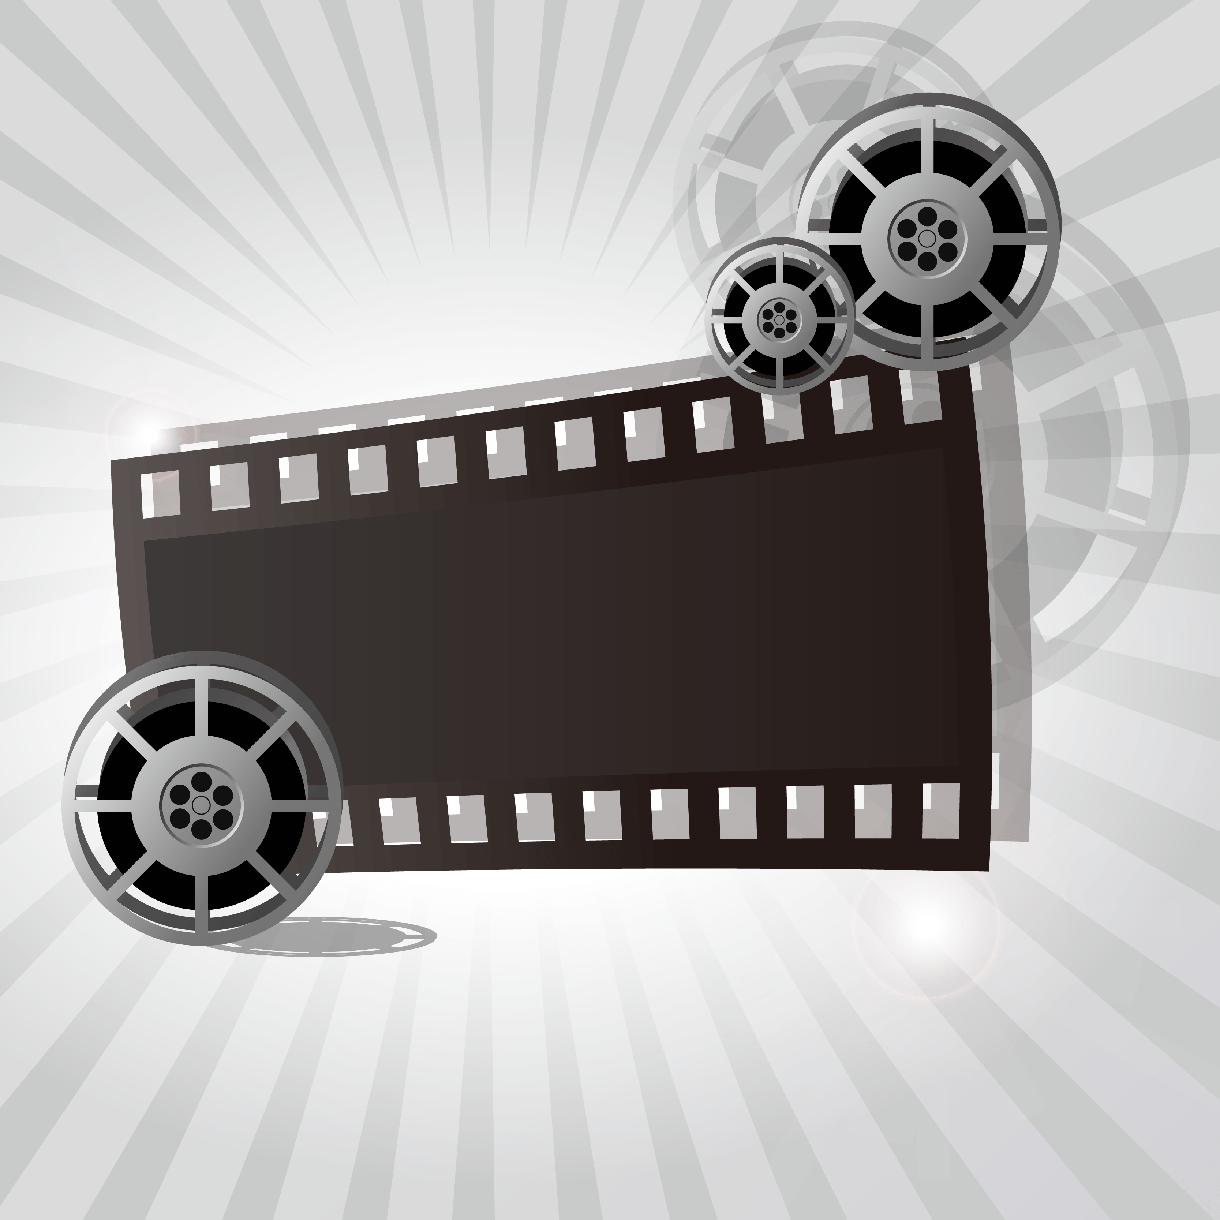 動画編集、オーダーメイドの映像を作ります 企業PV・テロップ出し・youtube動画等ご検討の方に